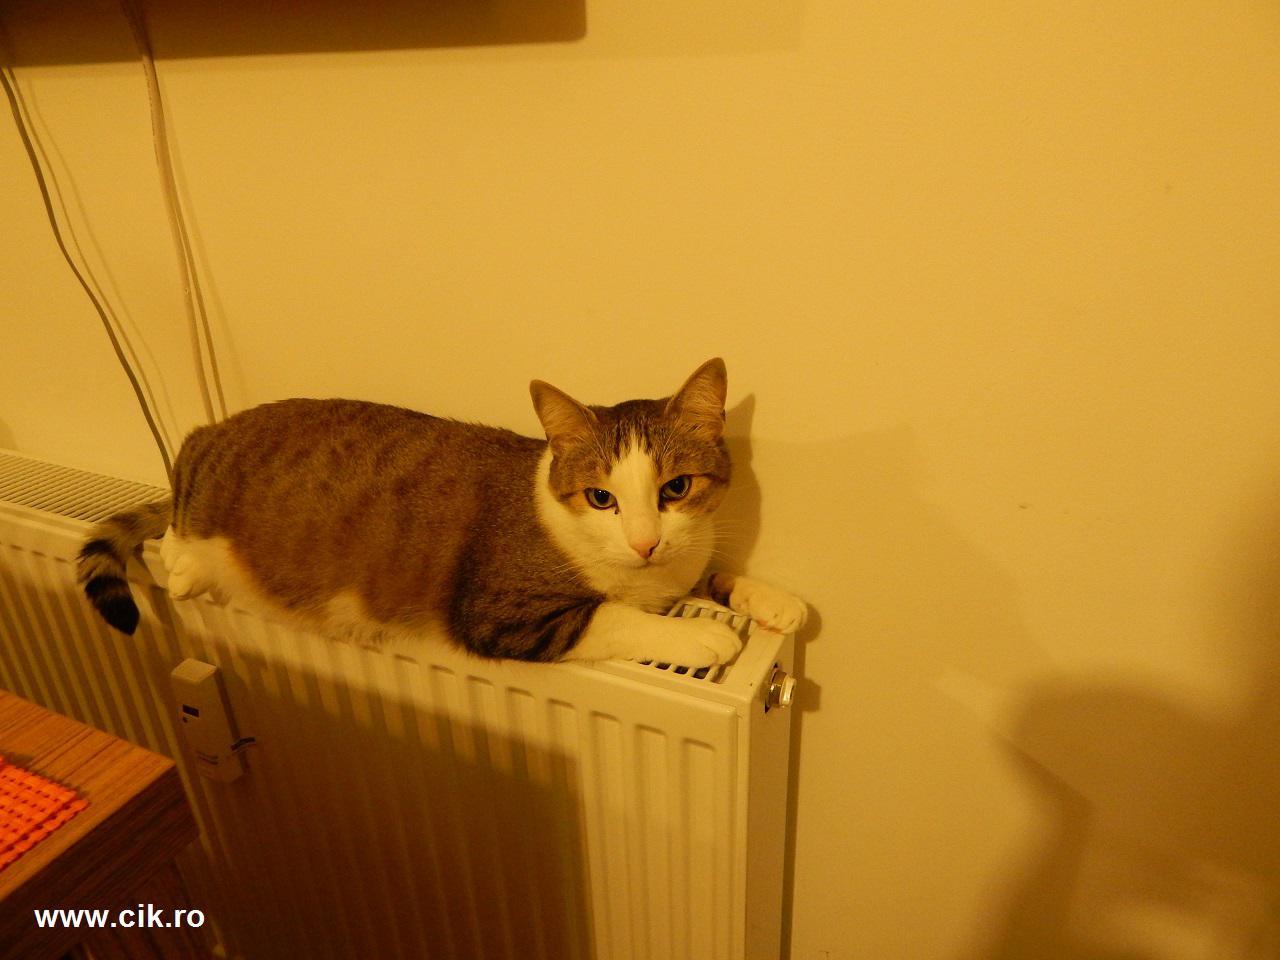 mishu pisica vede ca nu este vreun pericol